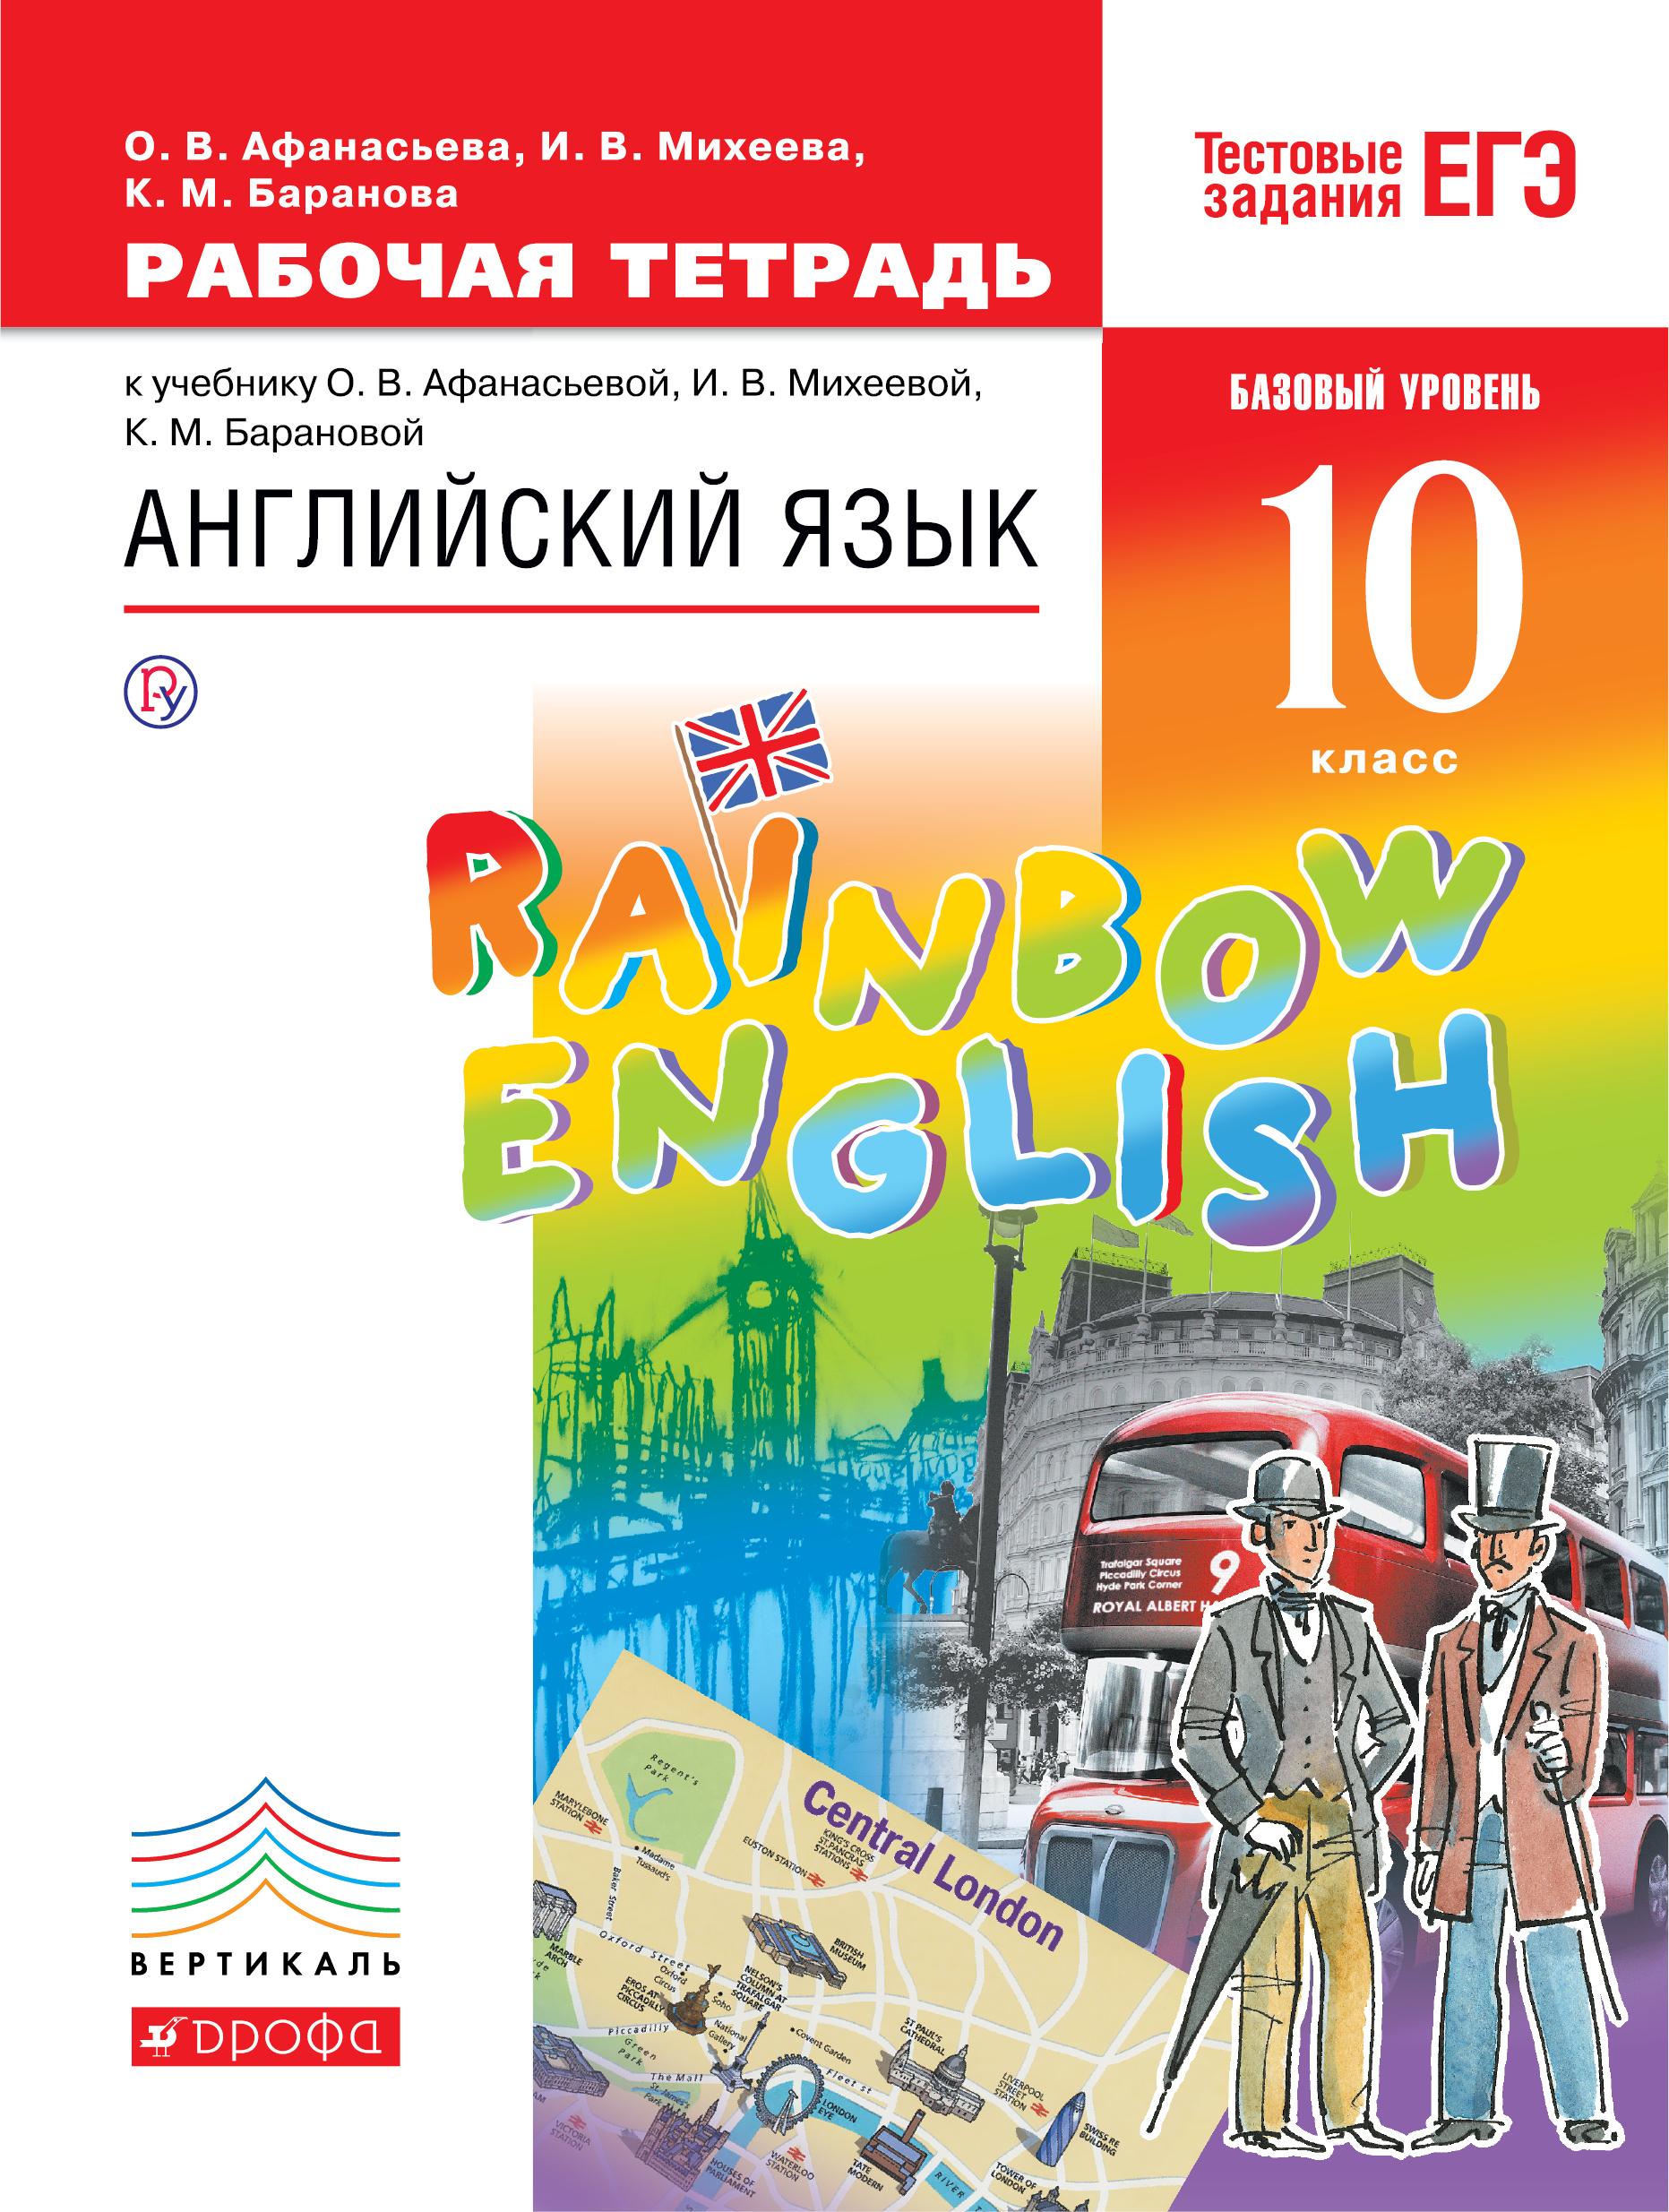 Скачать учебник по английскому языку за 10 класс афанасьева